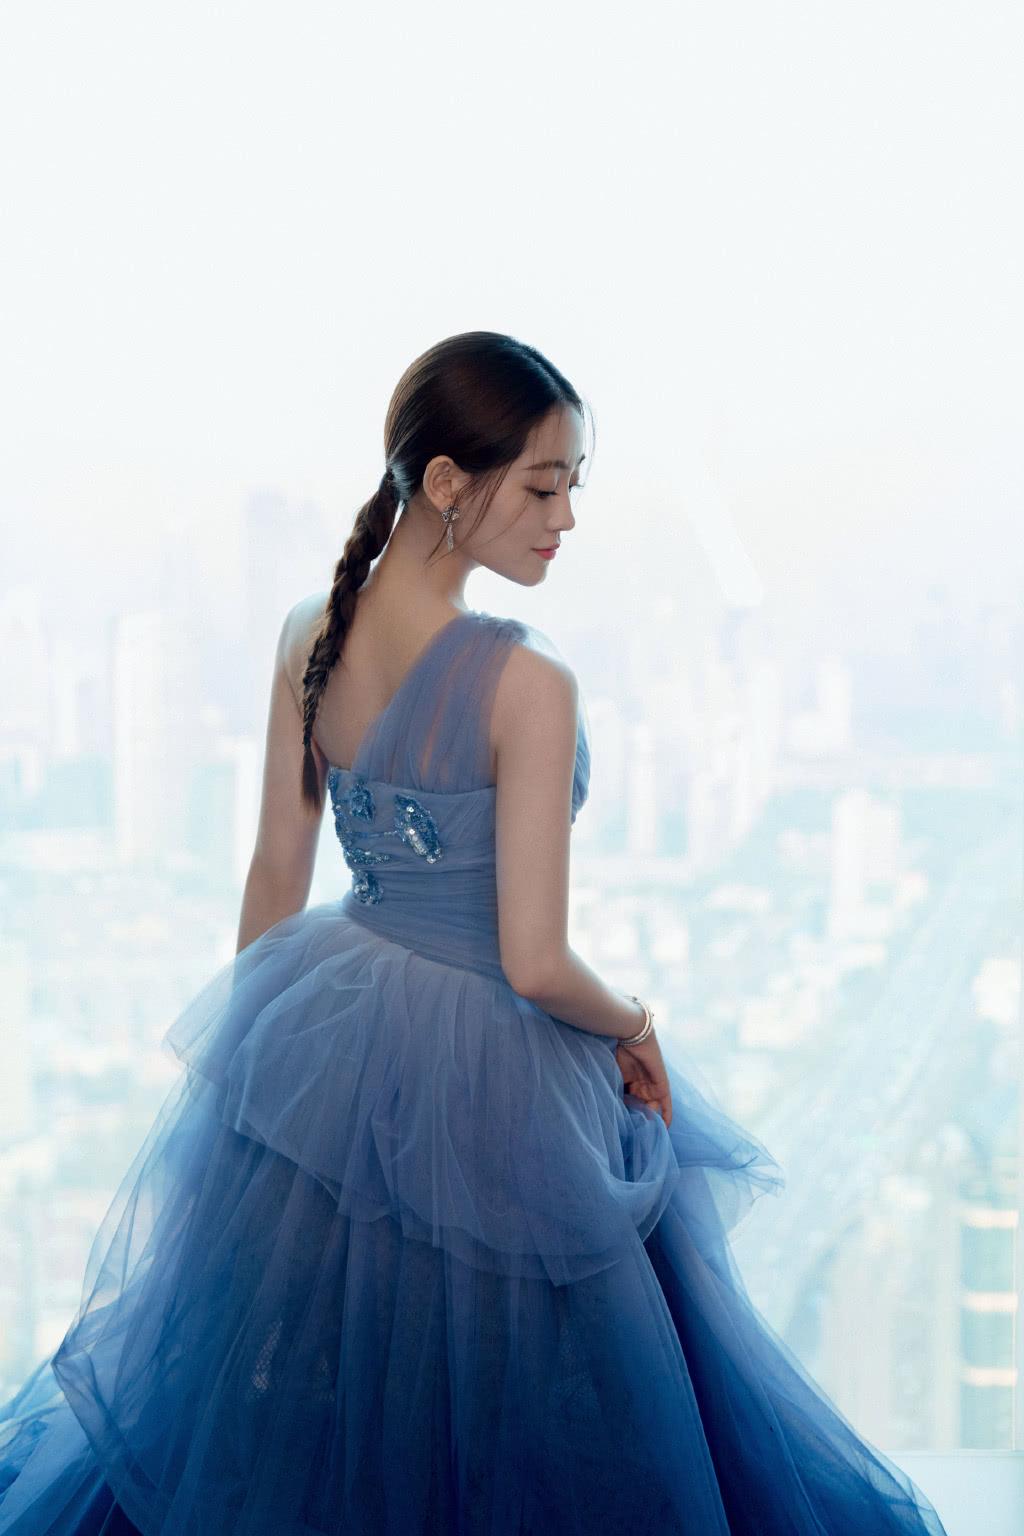 演《倚天屠龙记》被赞最美周芷若,今穿渐变蓝轻纱裙,美成小仙女